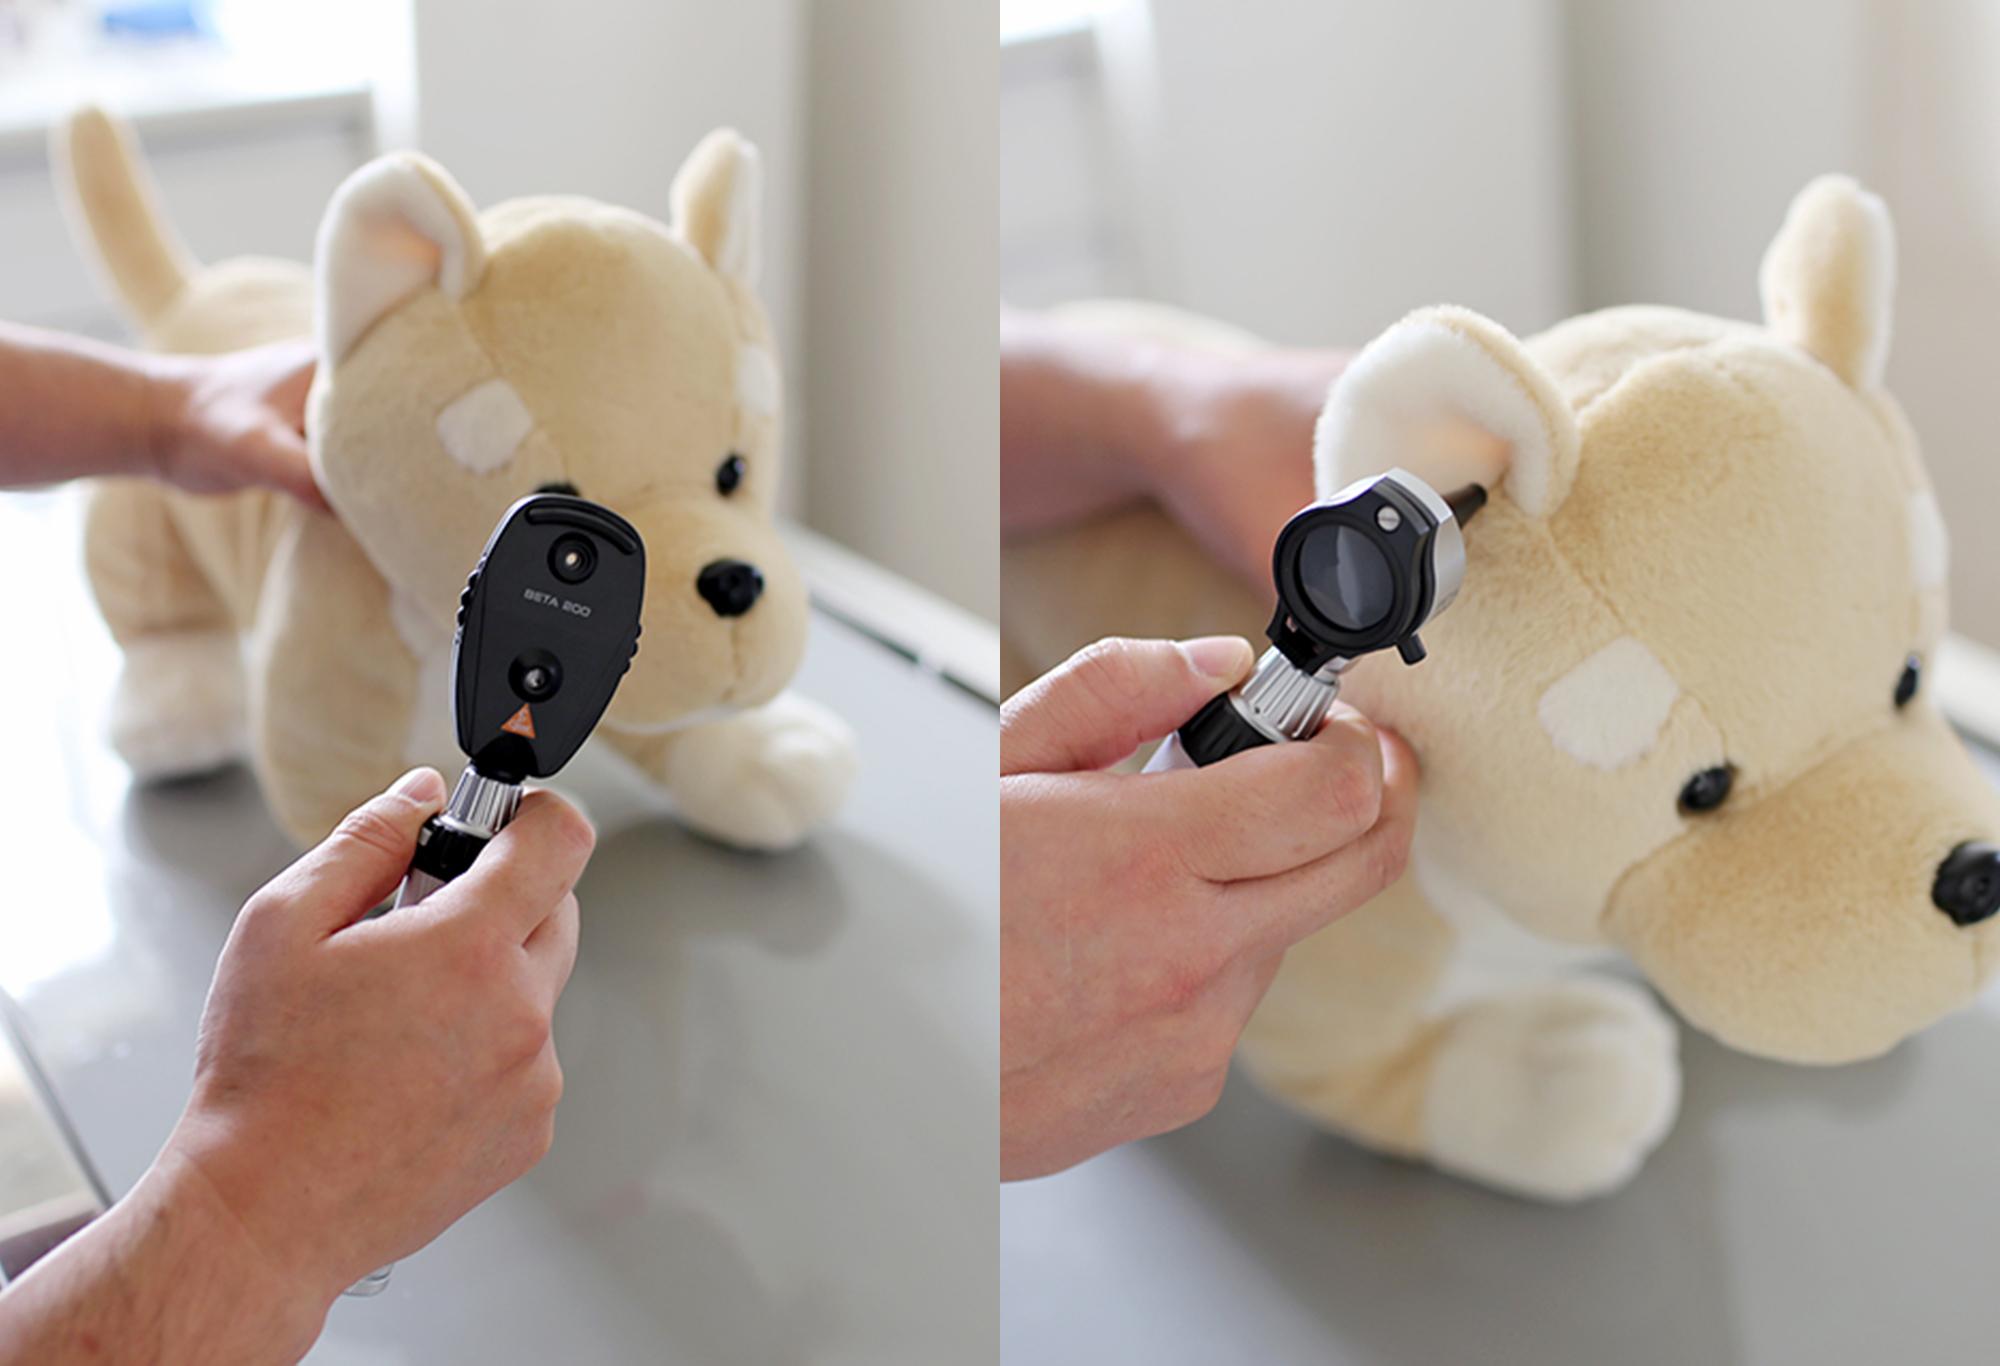 【検眼鏡(左)】 【検耳鏡(右)】<br /> 目や耳の中を詳しく診断するための装置です。